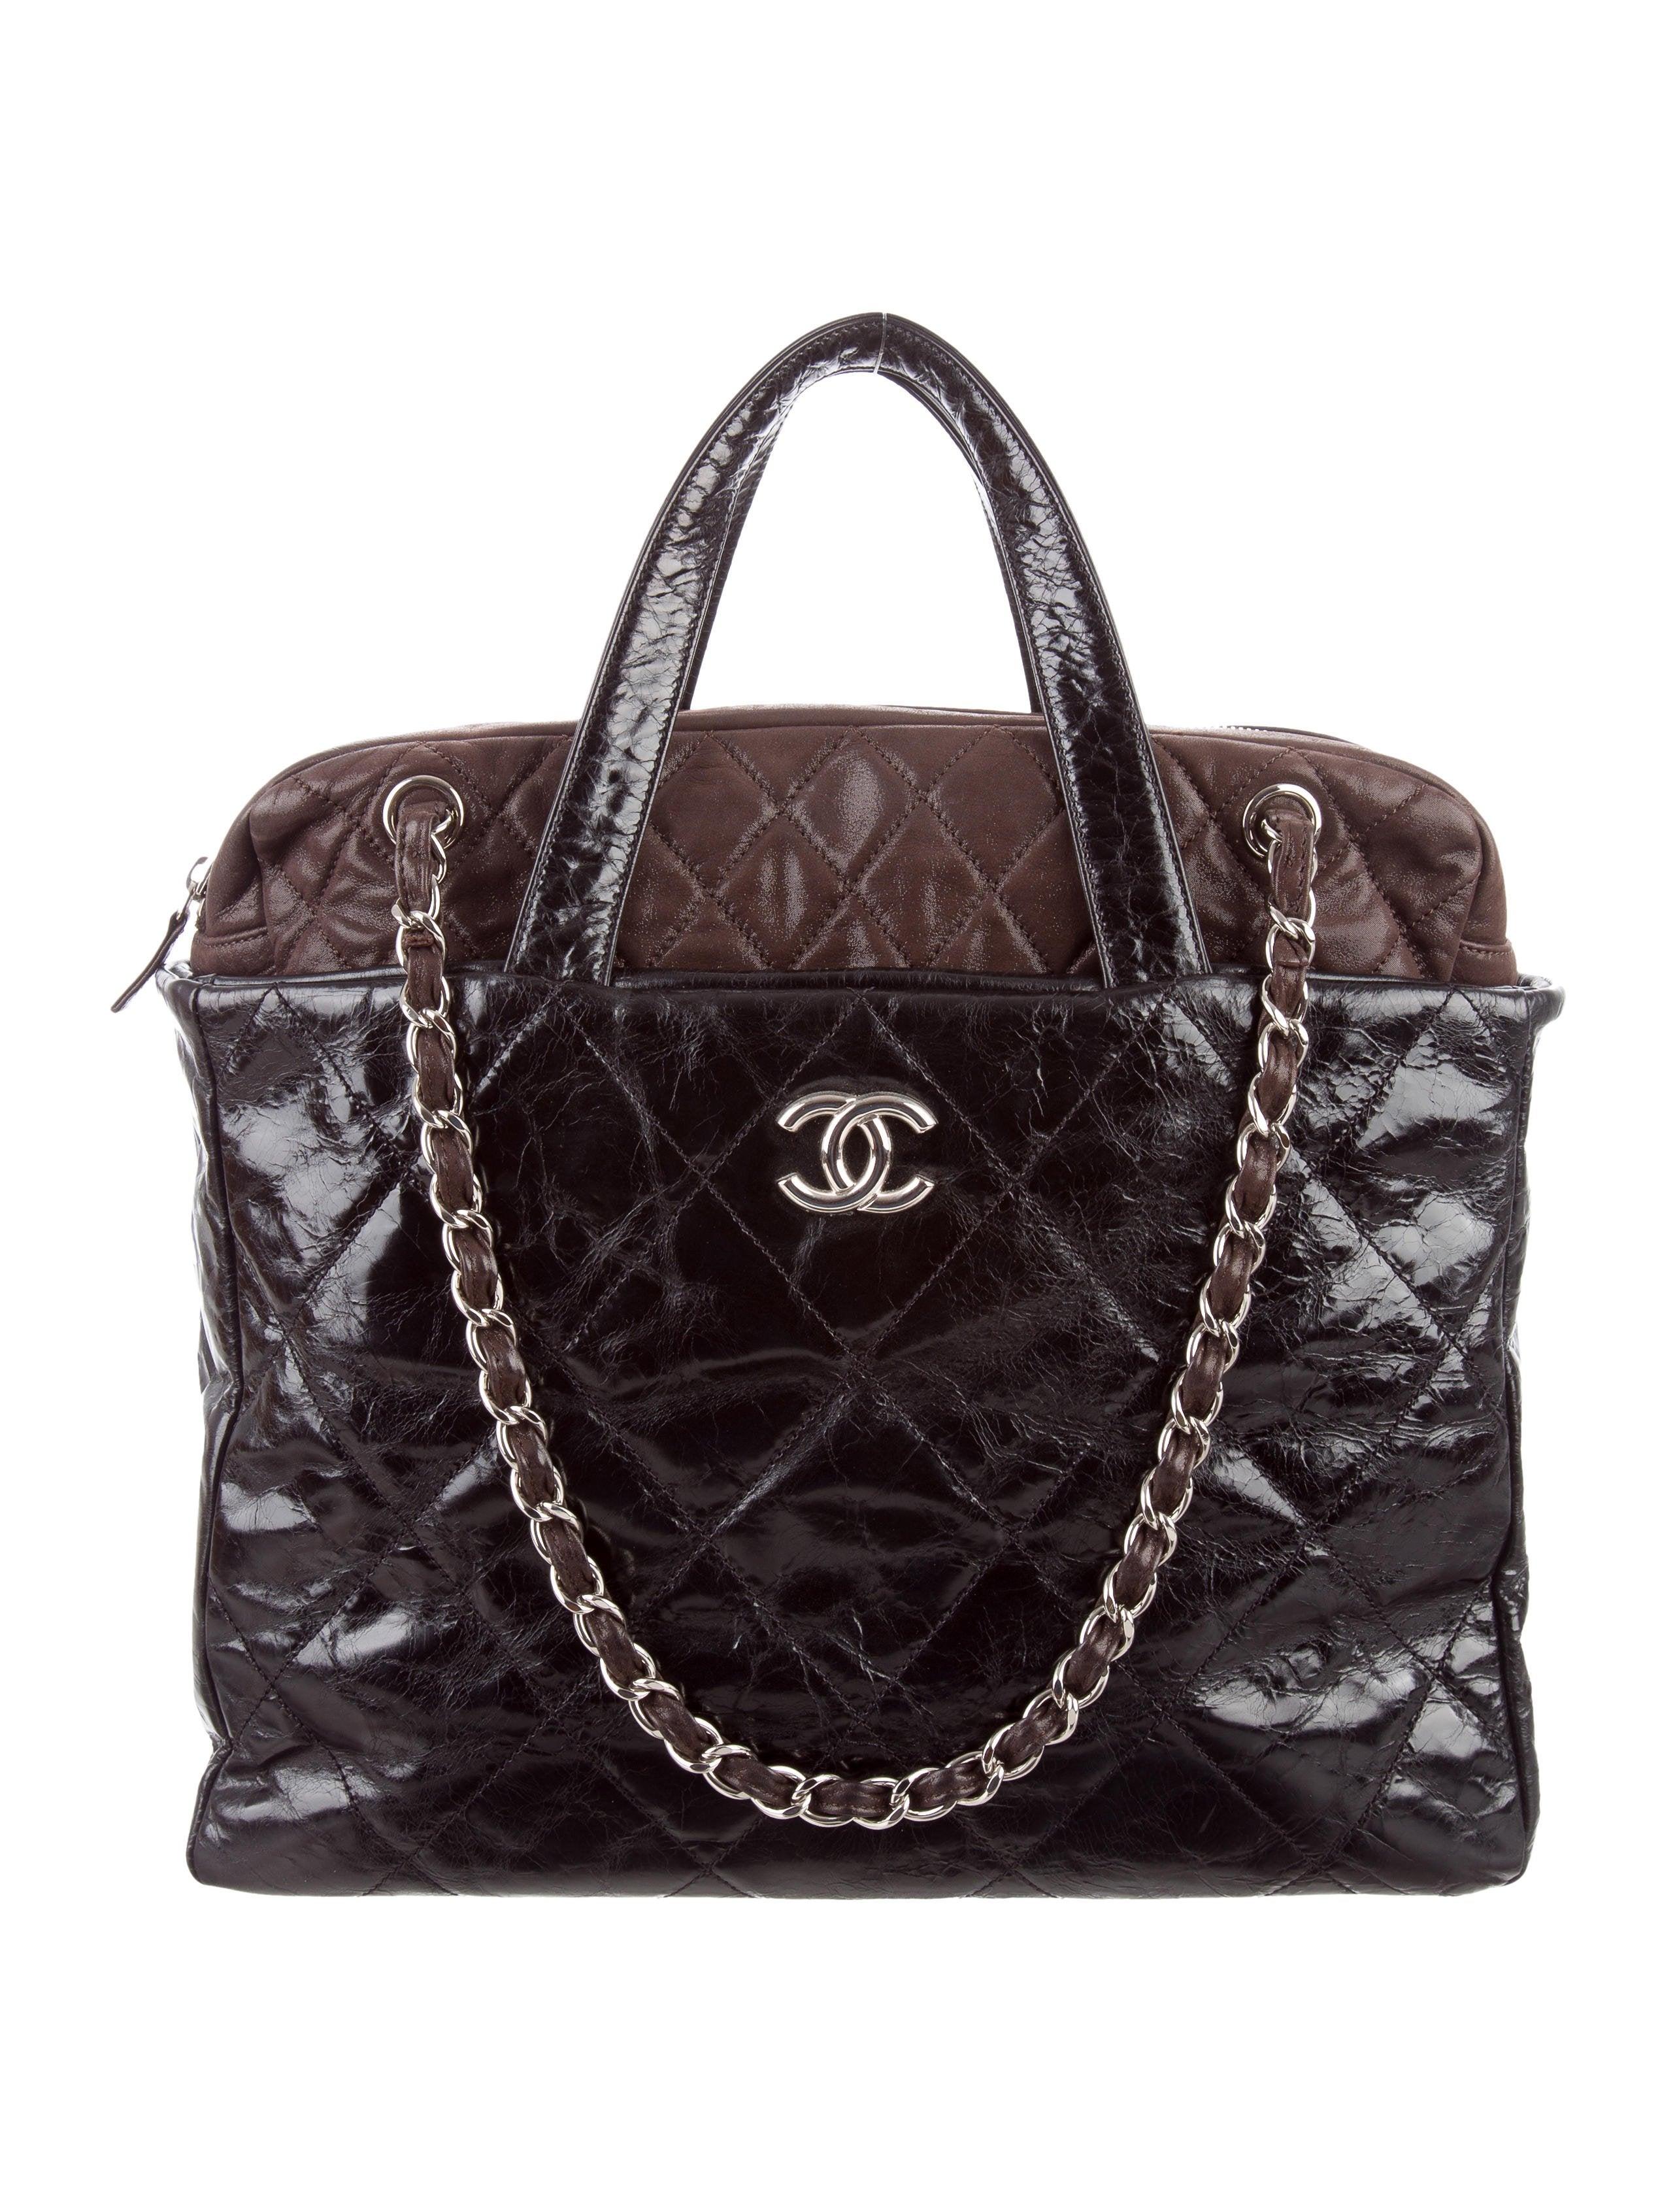 a9f403e9443e Chanel Portobello Tote - Handbags - CHA179481 | The RealReal